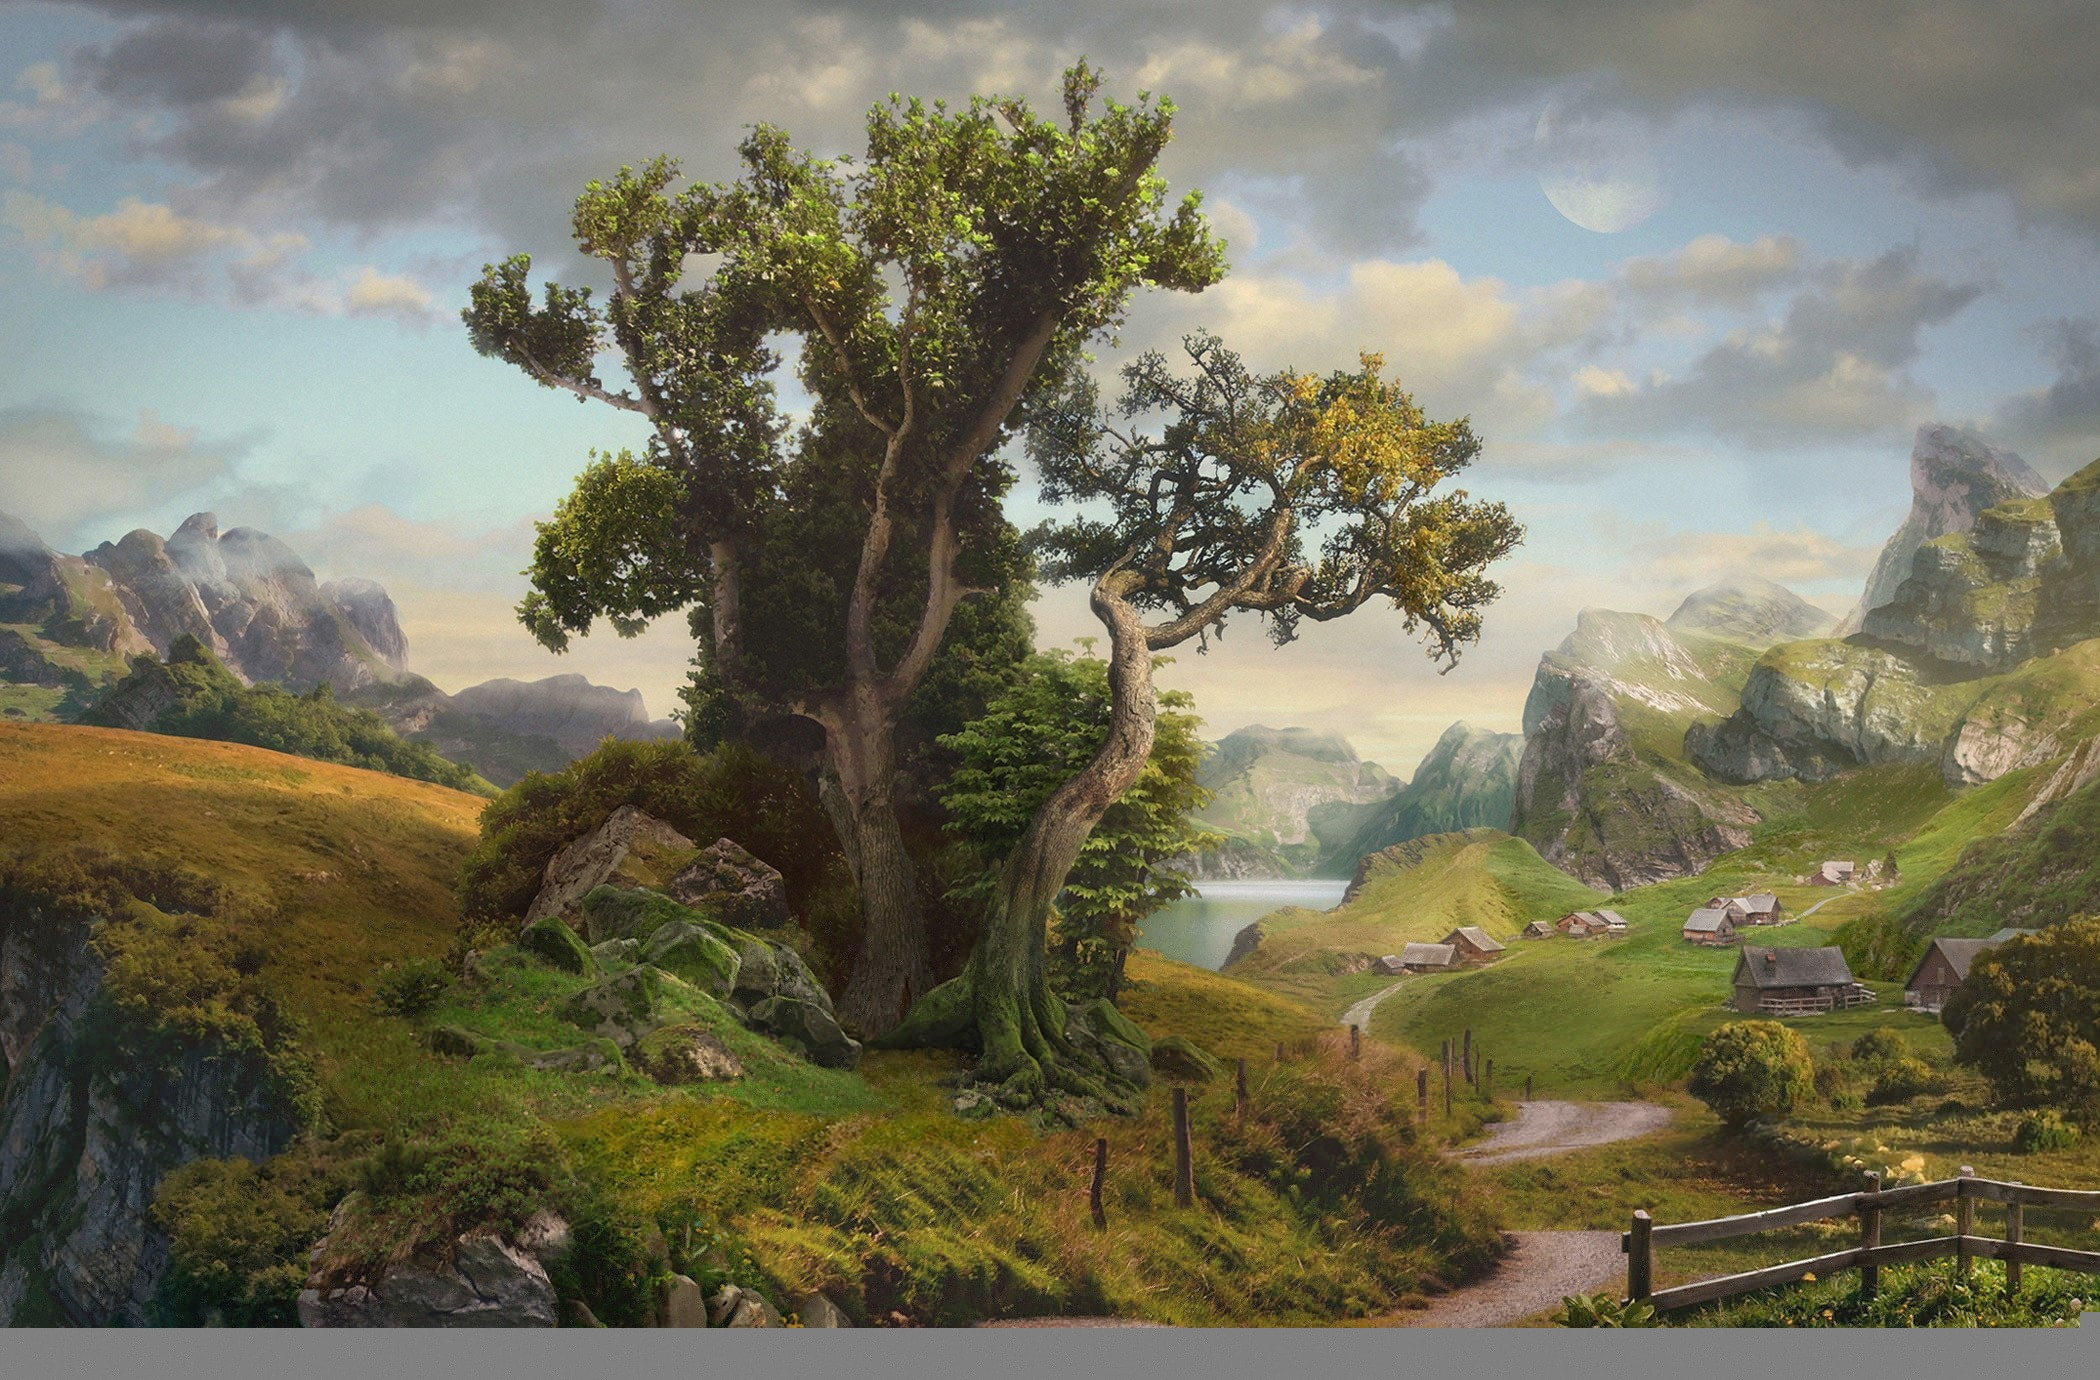 графика природа деревья горы дом  № 3243612 загрузить